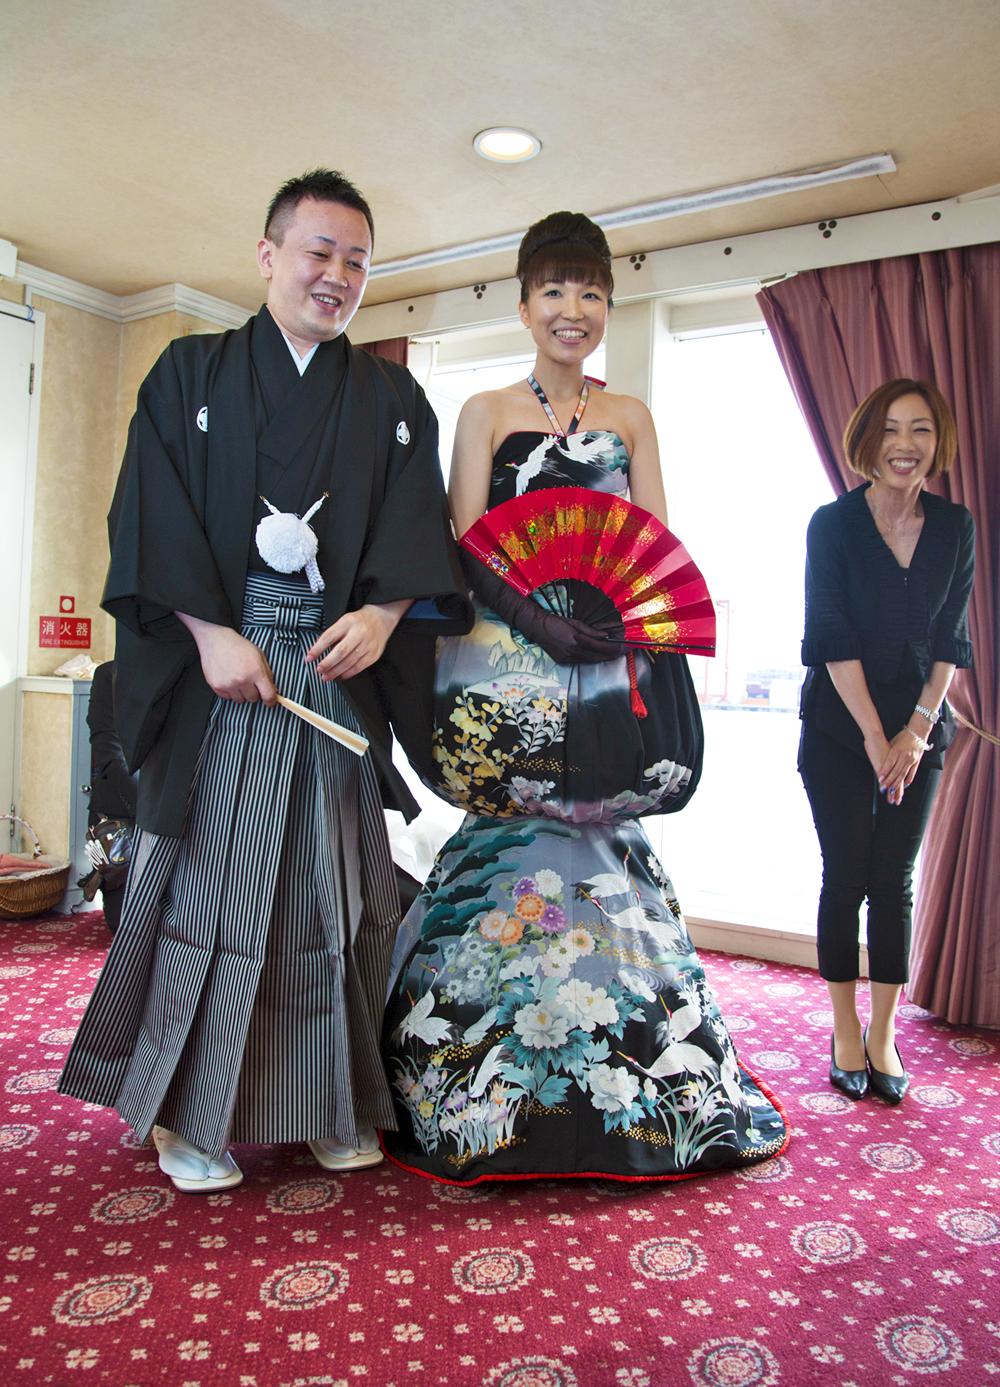 ゲストと東京ベイクルーズを満喫できた船上ウエディングパーティ